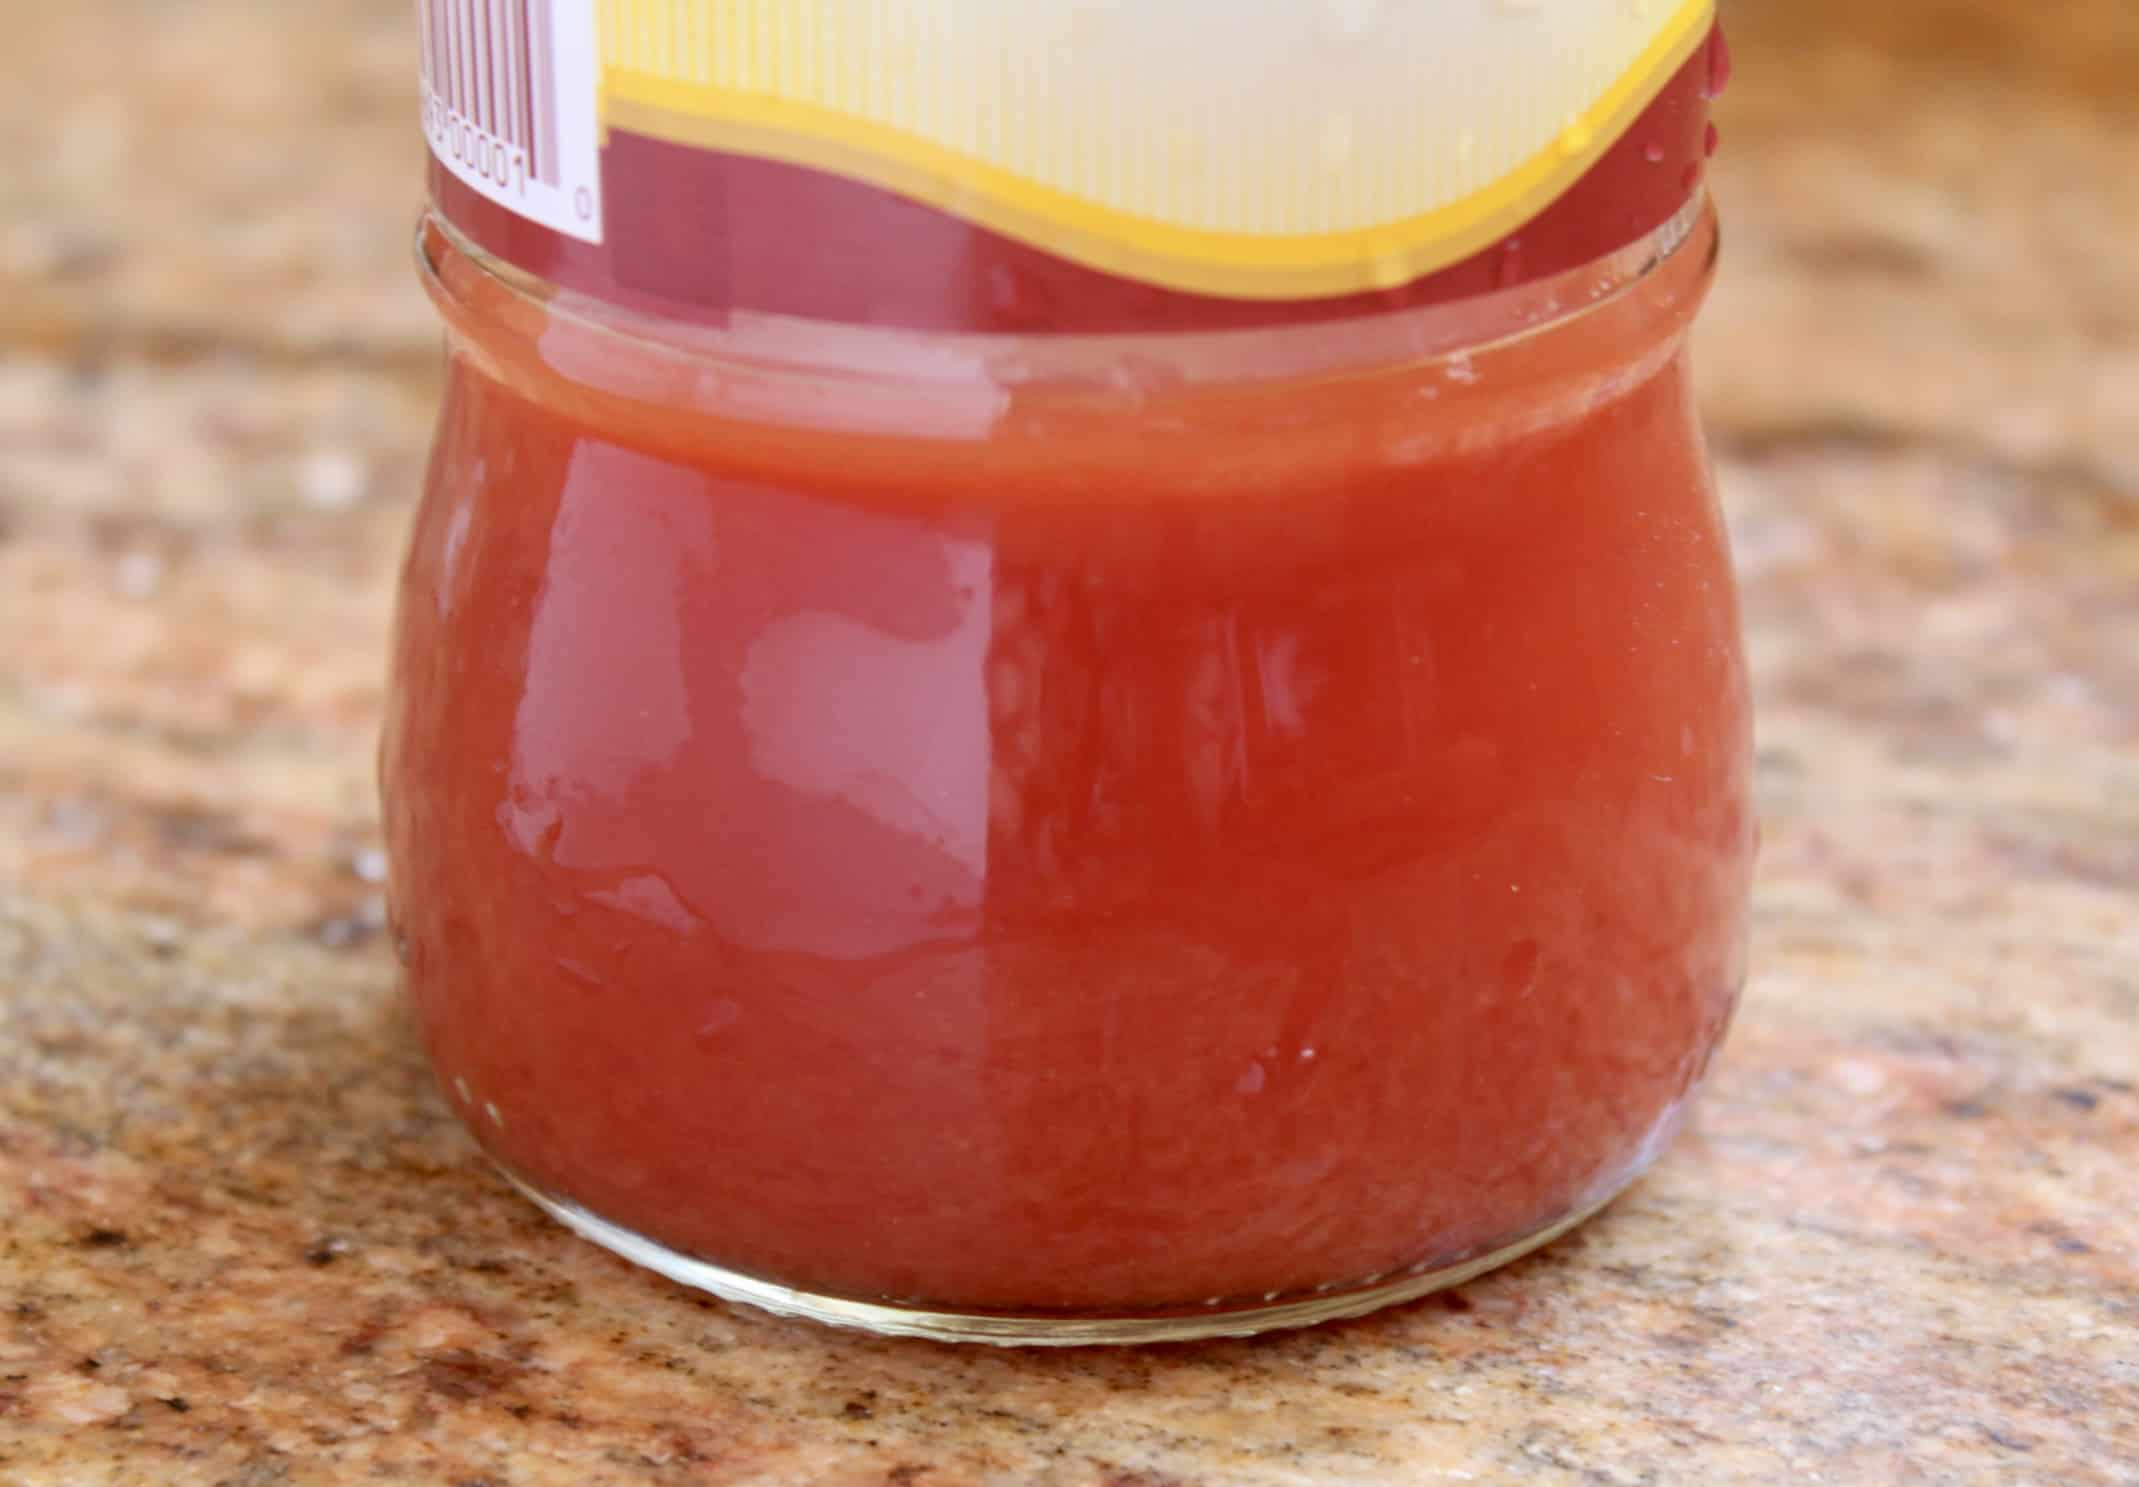 water in a Mutti jar